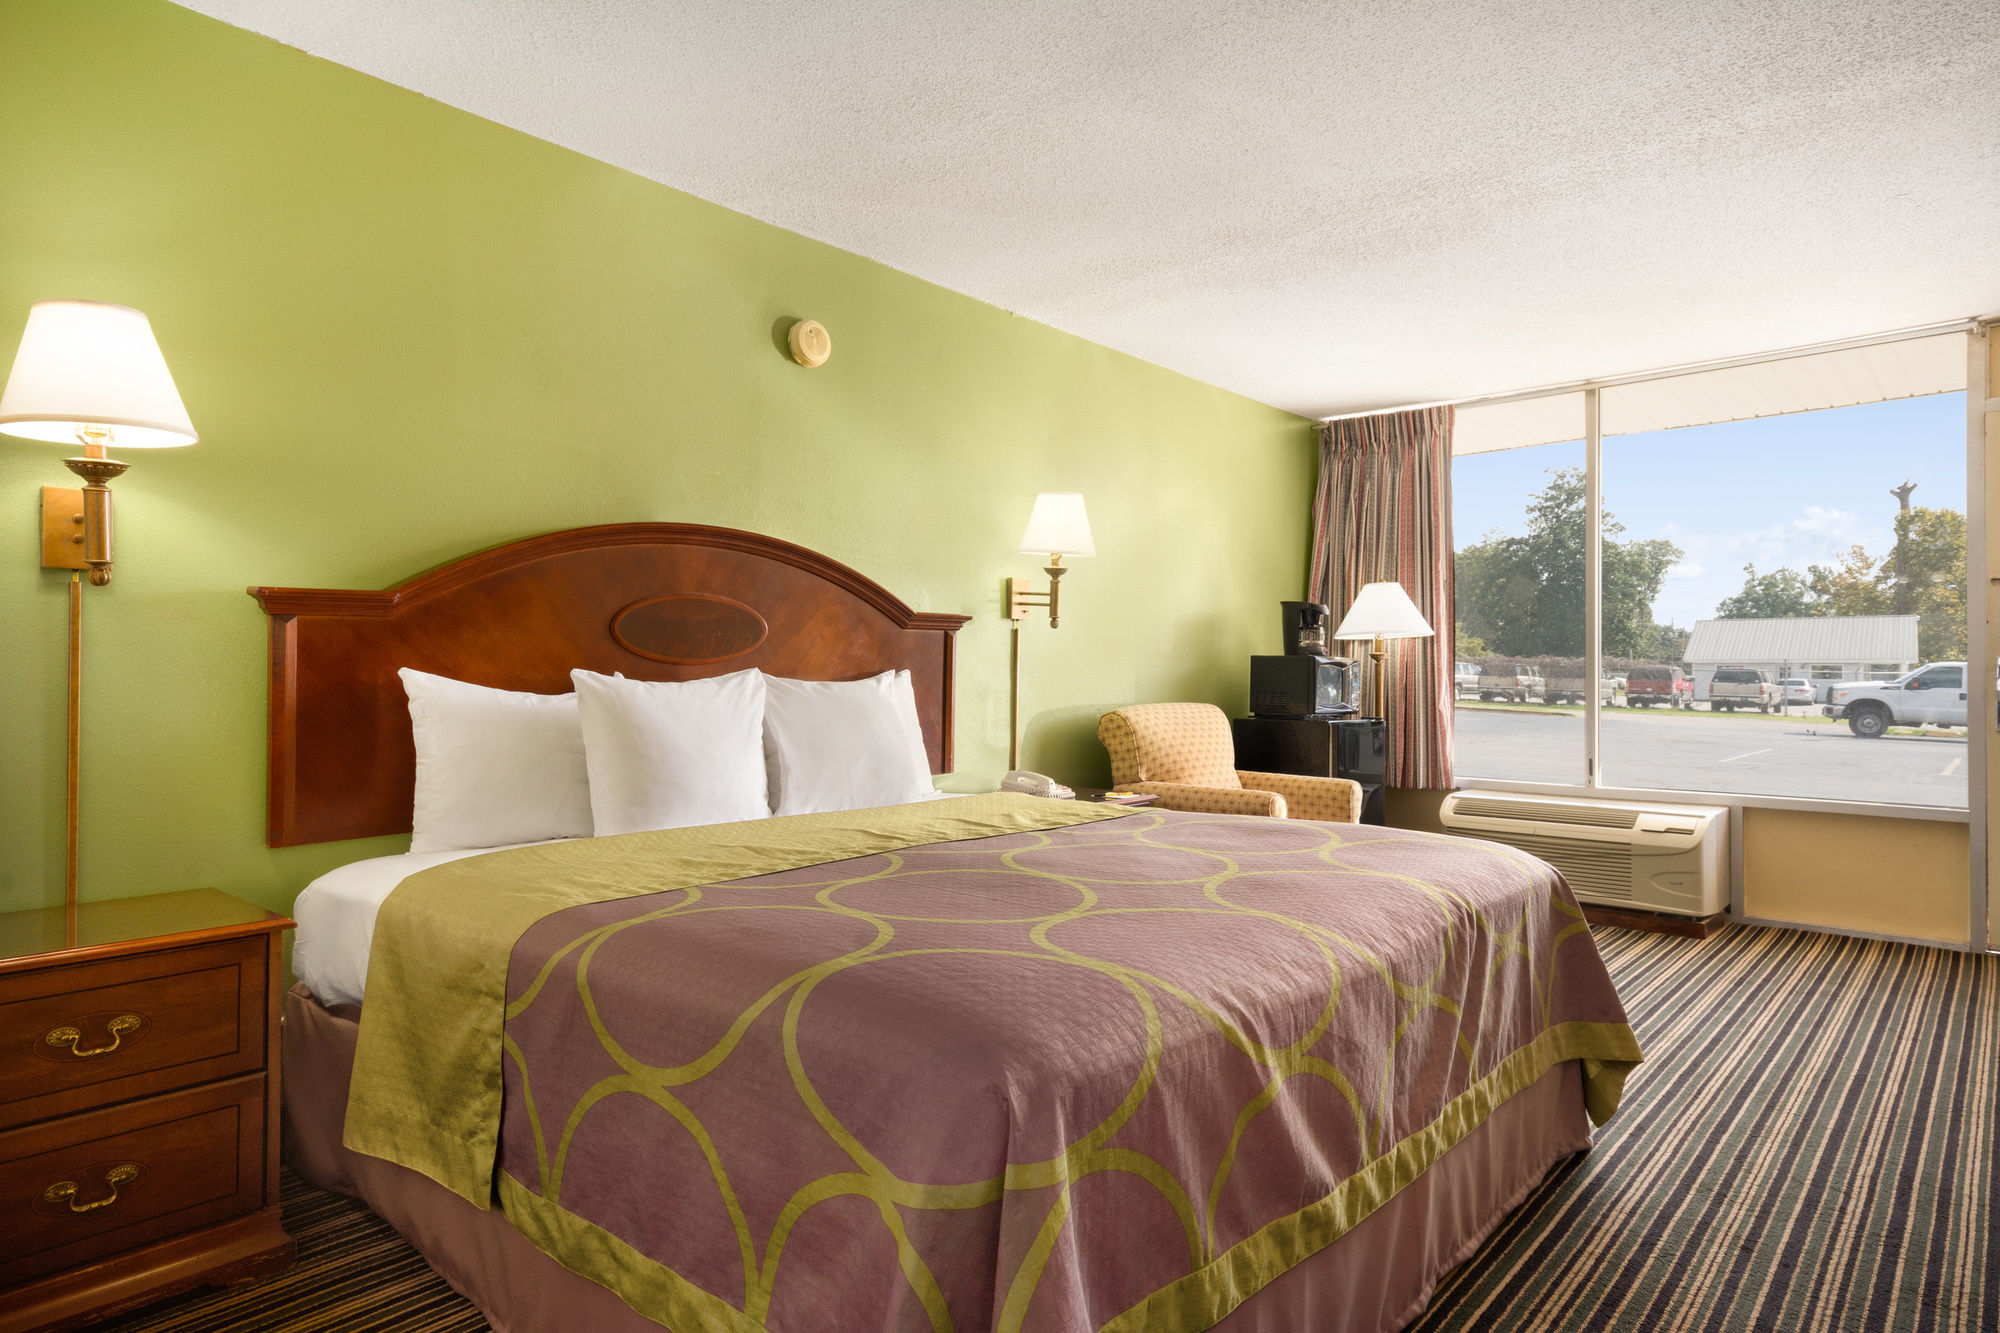 Motel 6 in Orangeburg, SC